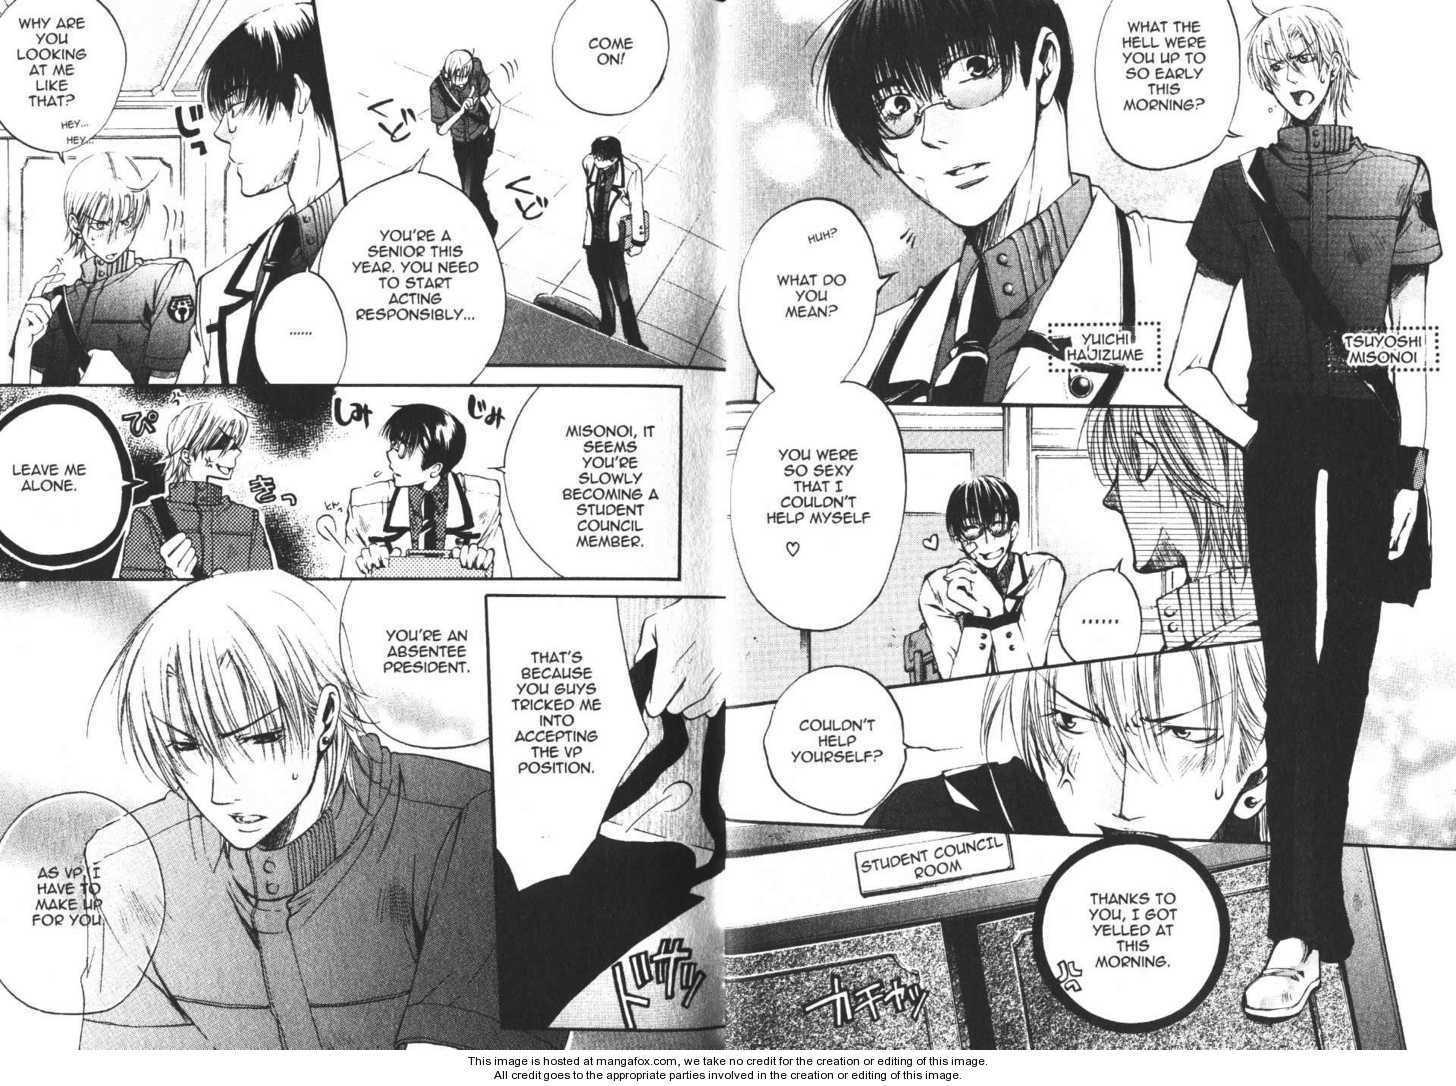 Seiryou Saikyou Monogatari 9 Page 4